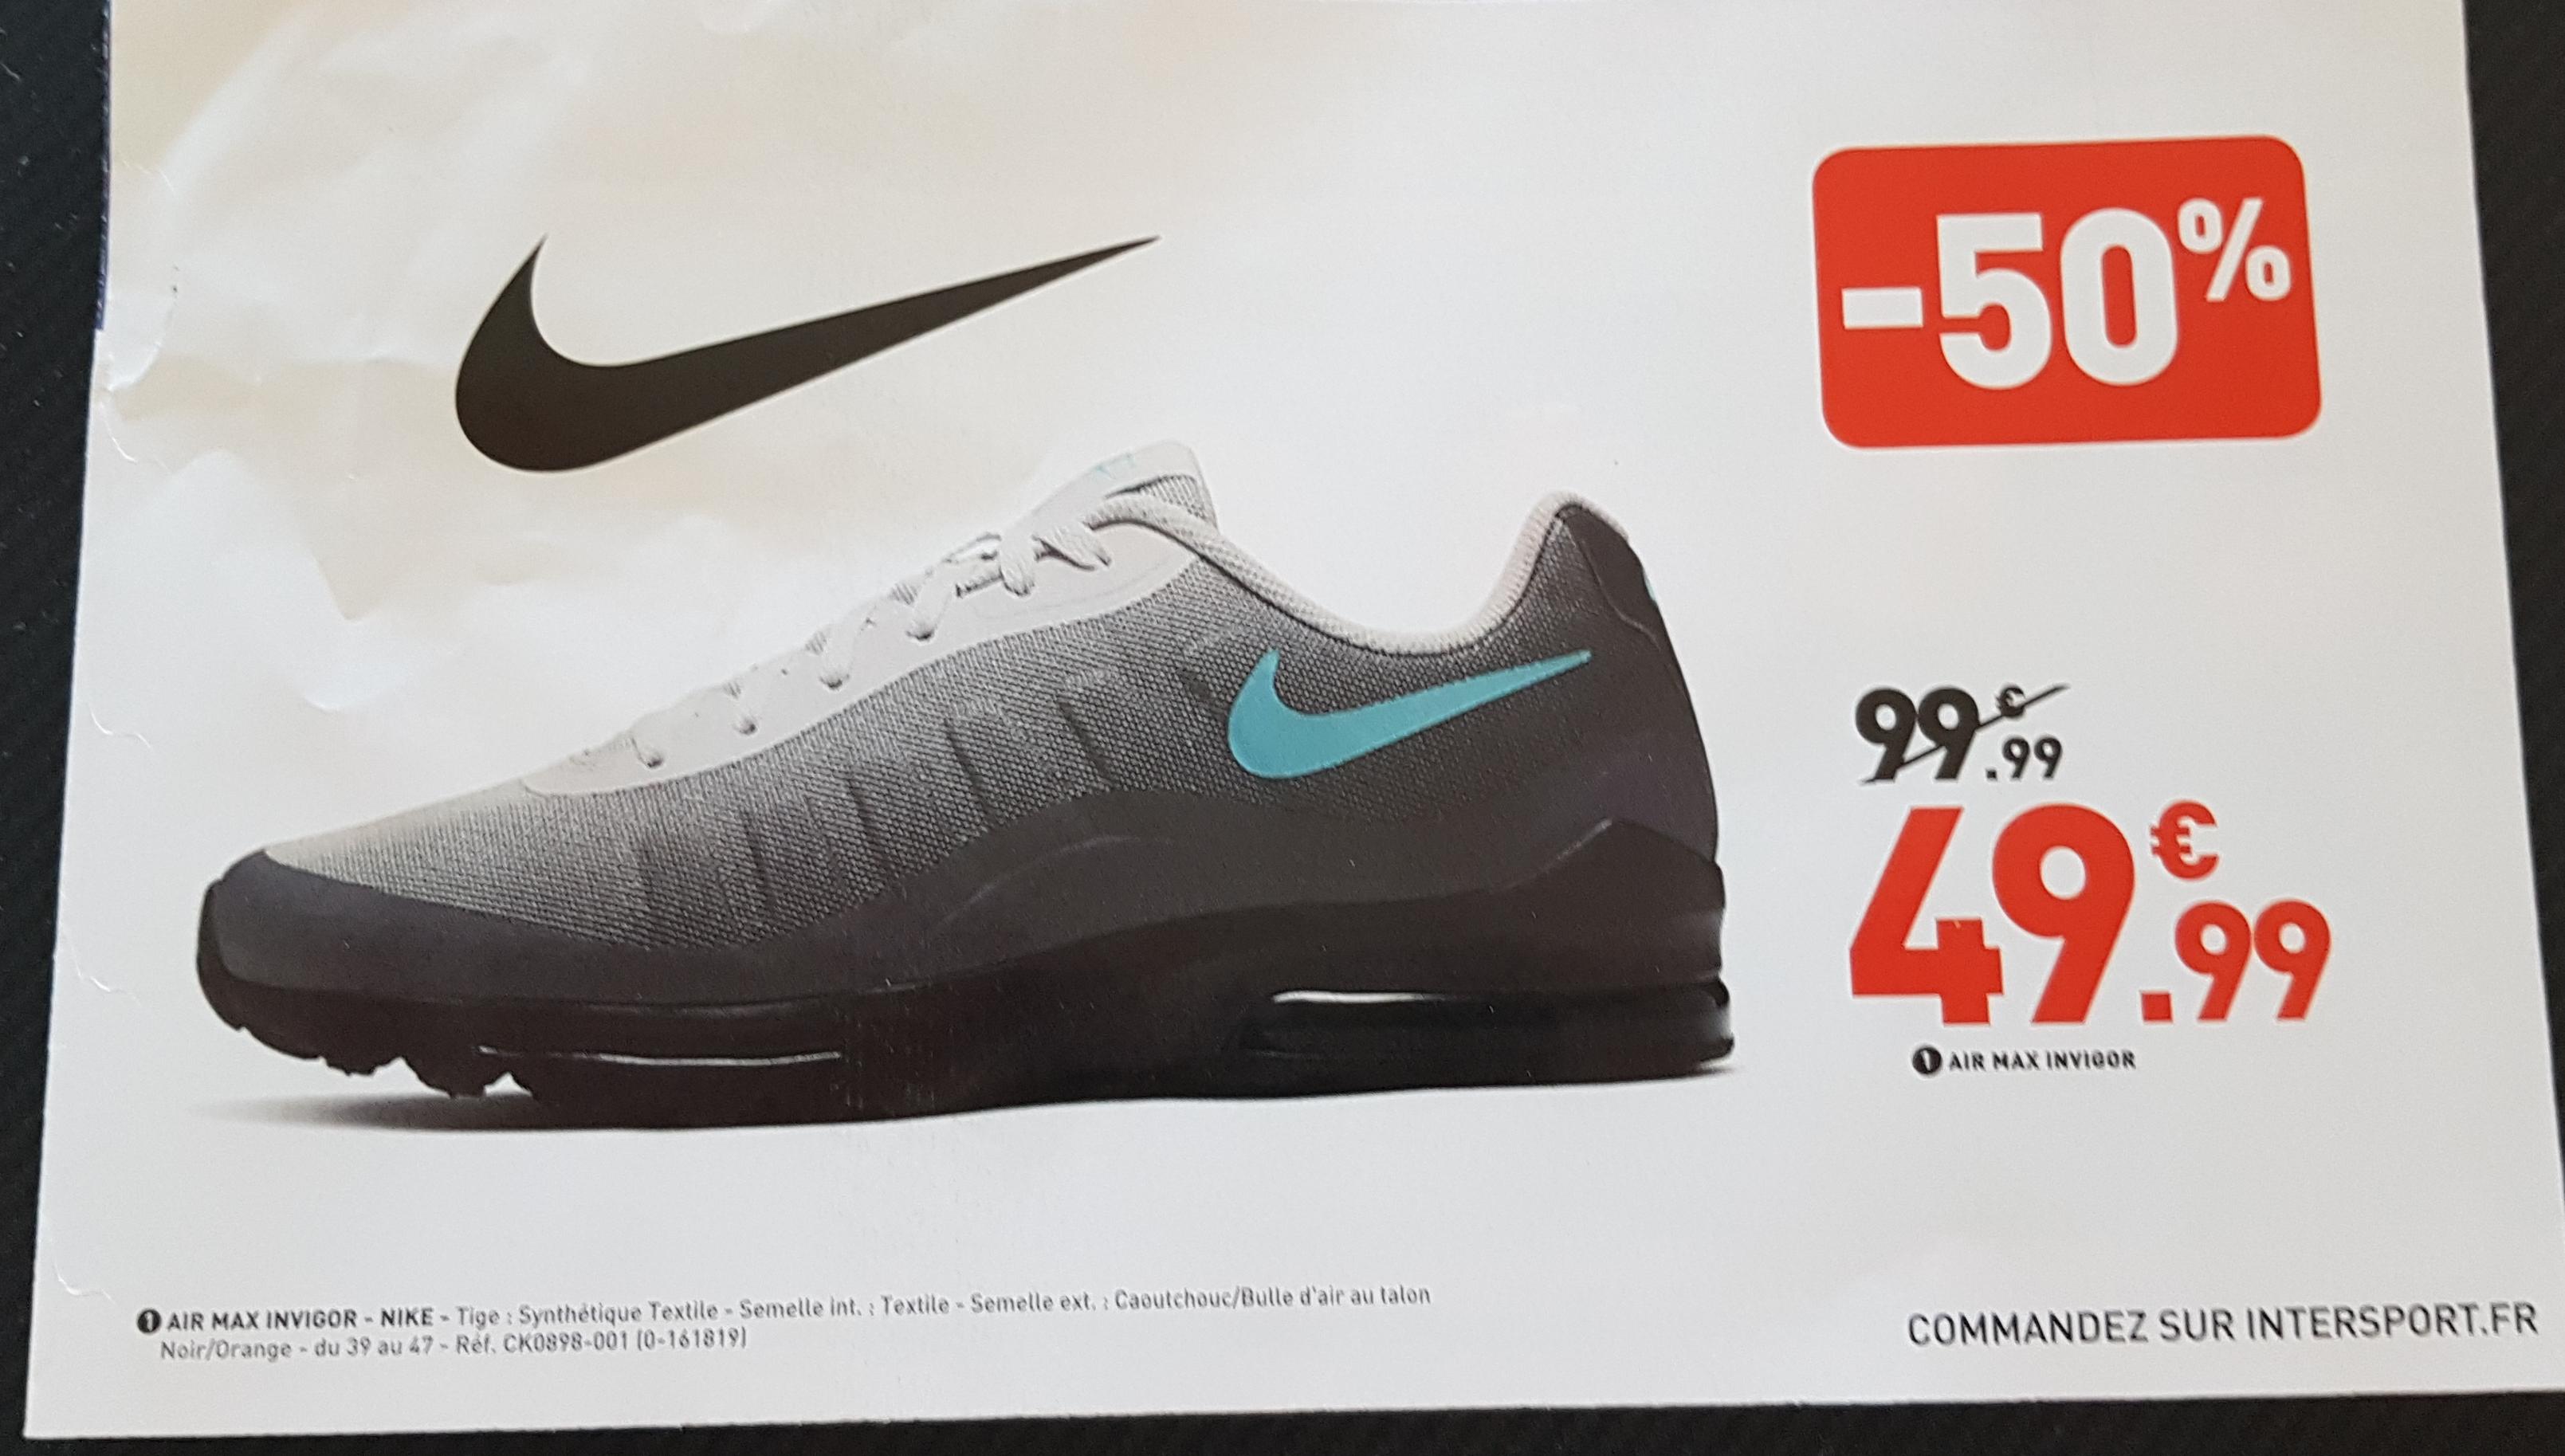 Chaussures Nike Air Max Invigor pour Hommes - Gris foncé/Sarcelle nébuleuse-Gris vaste-Gris huilé, Diverses tailles